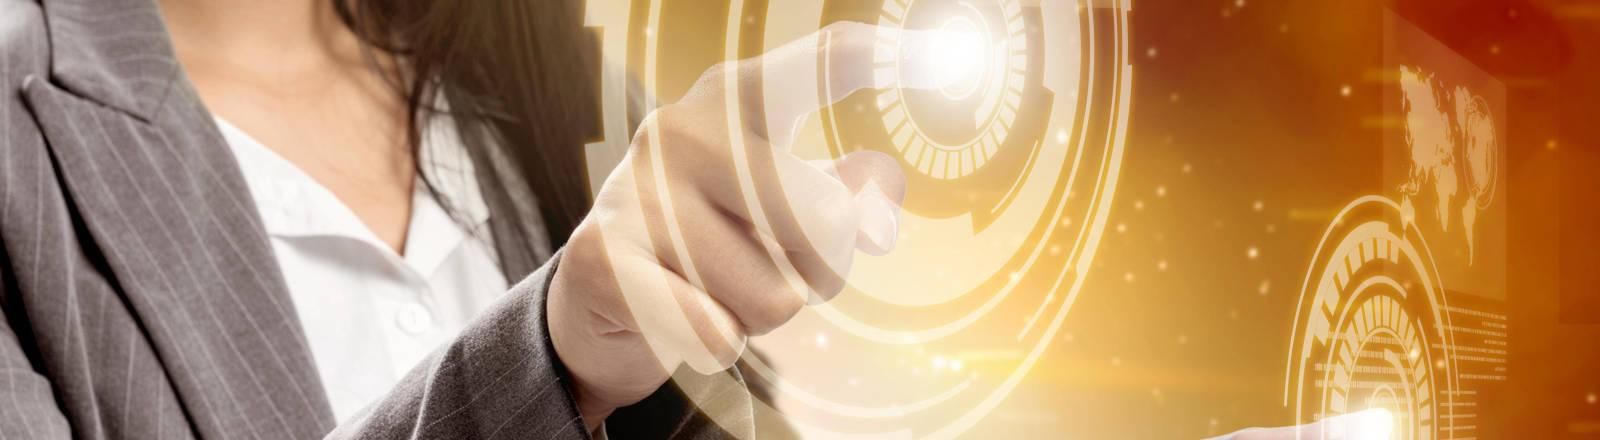 Eine Frau tippt mit den beiden Zeigefingern auf ein Display